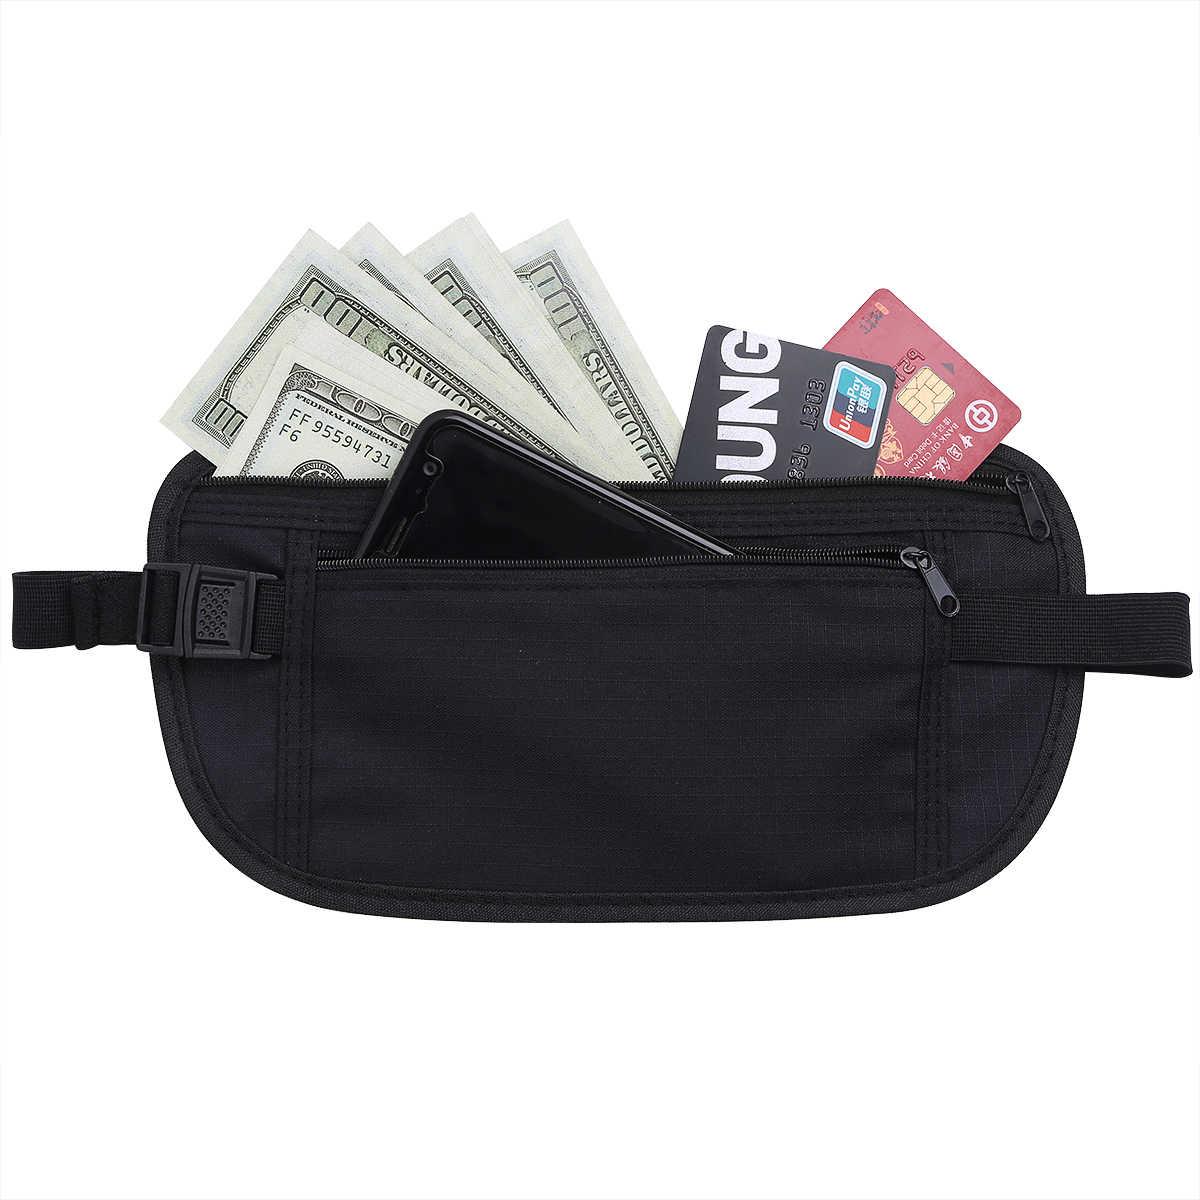 Bolso de viaje de cintura para hombre y mujer con bolsillo interior con cremallera para que el dinero esté seguro oculto bolsa de deporte riñonera al aire libre bolsas de deporte